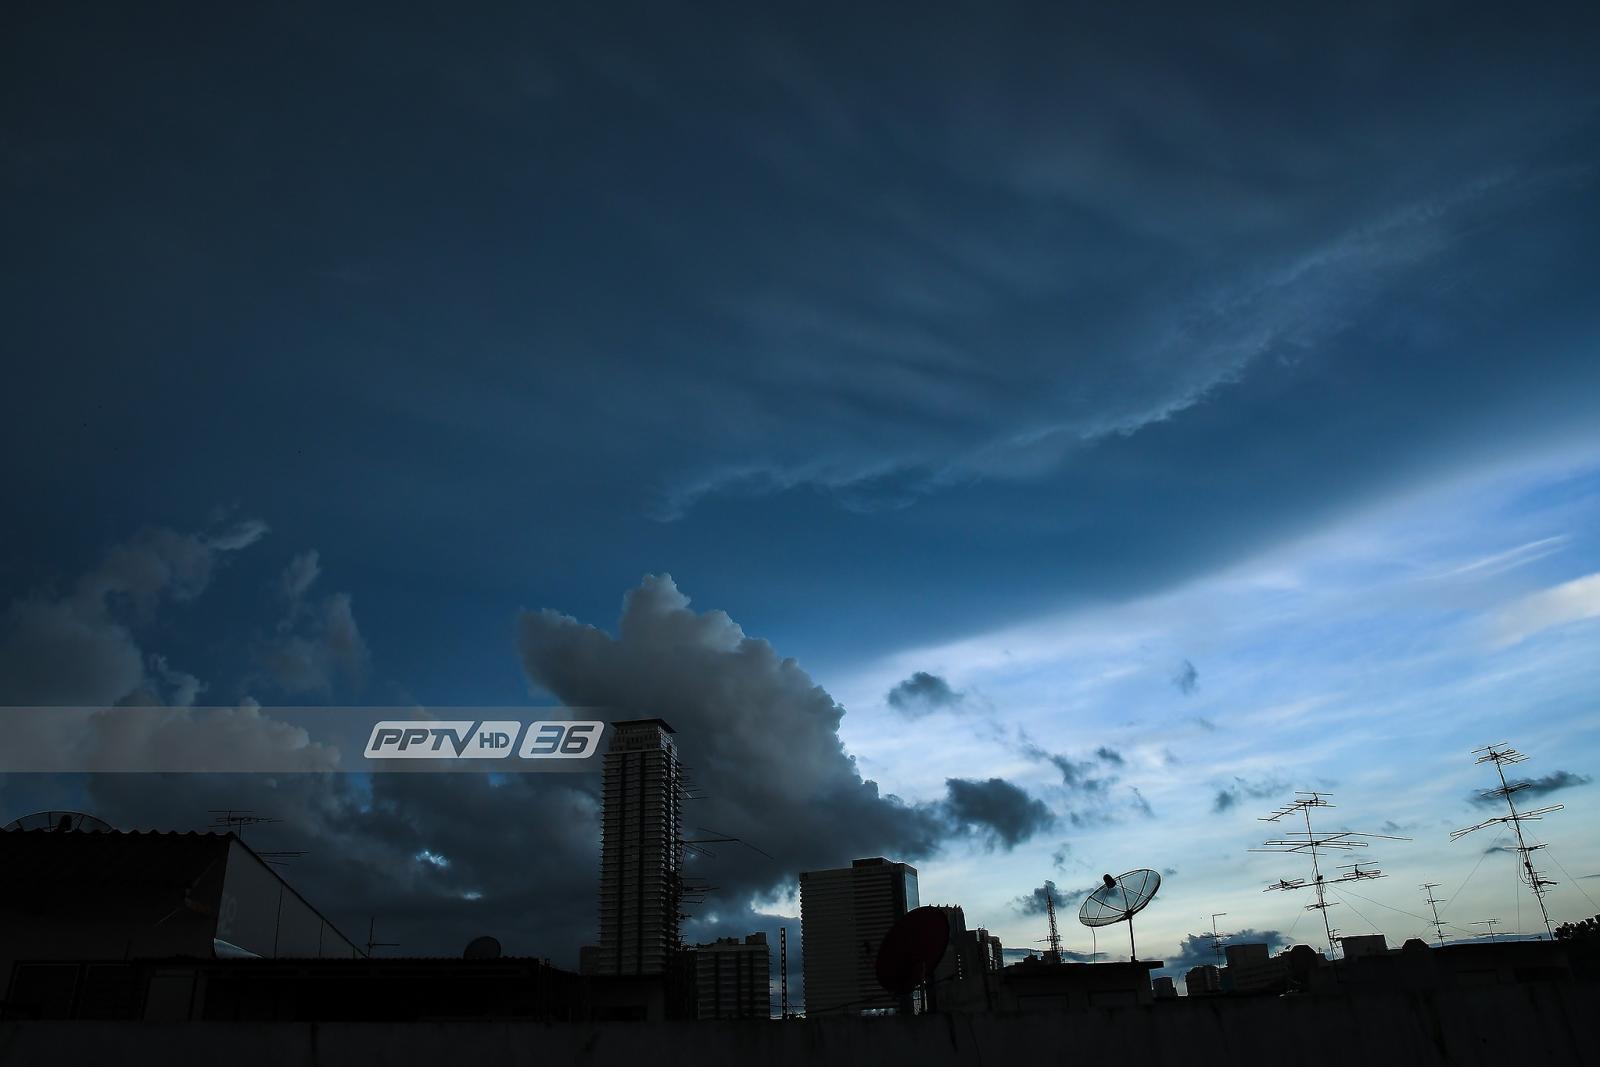 อุตุฯเผยใต้มีฝนฟ้าคะนอง ร้อยละ 40